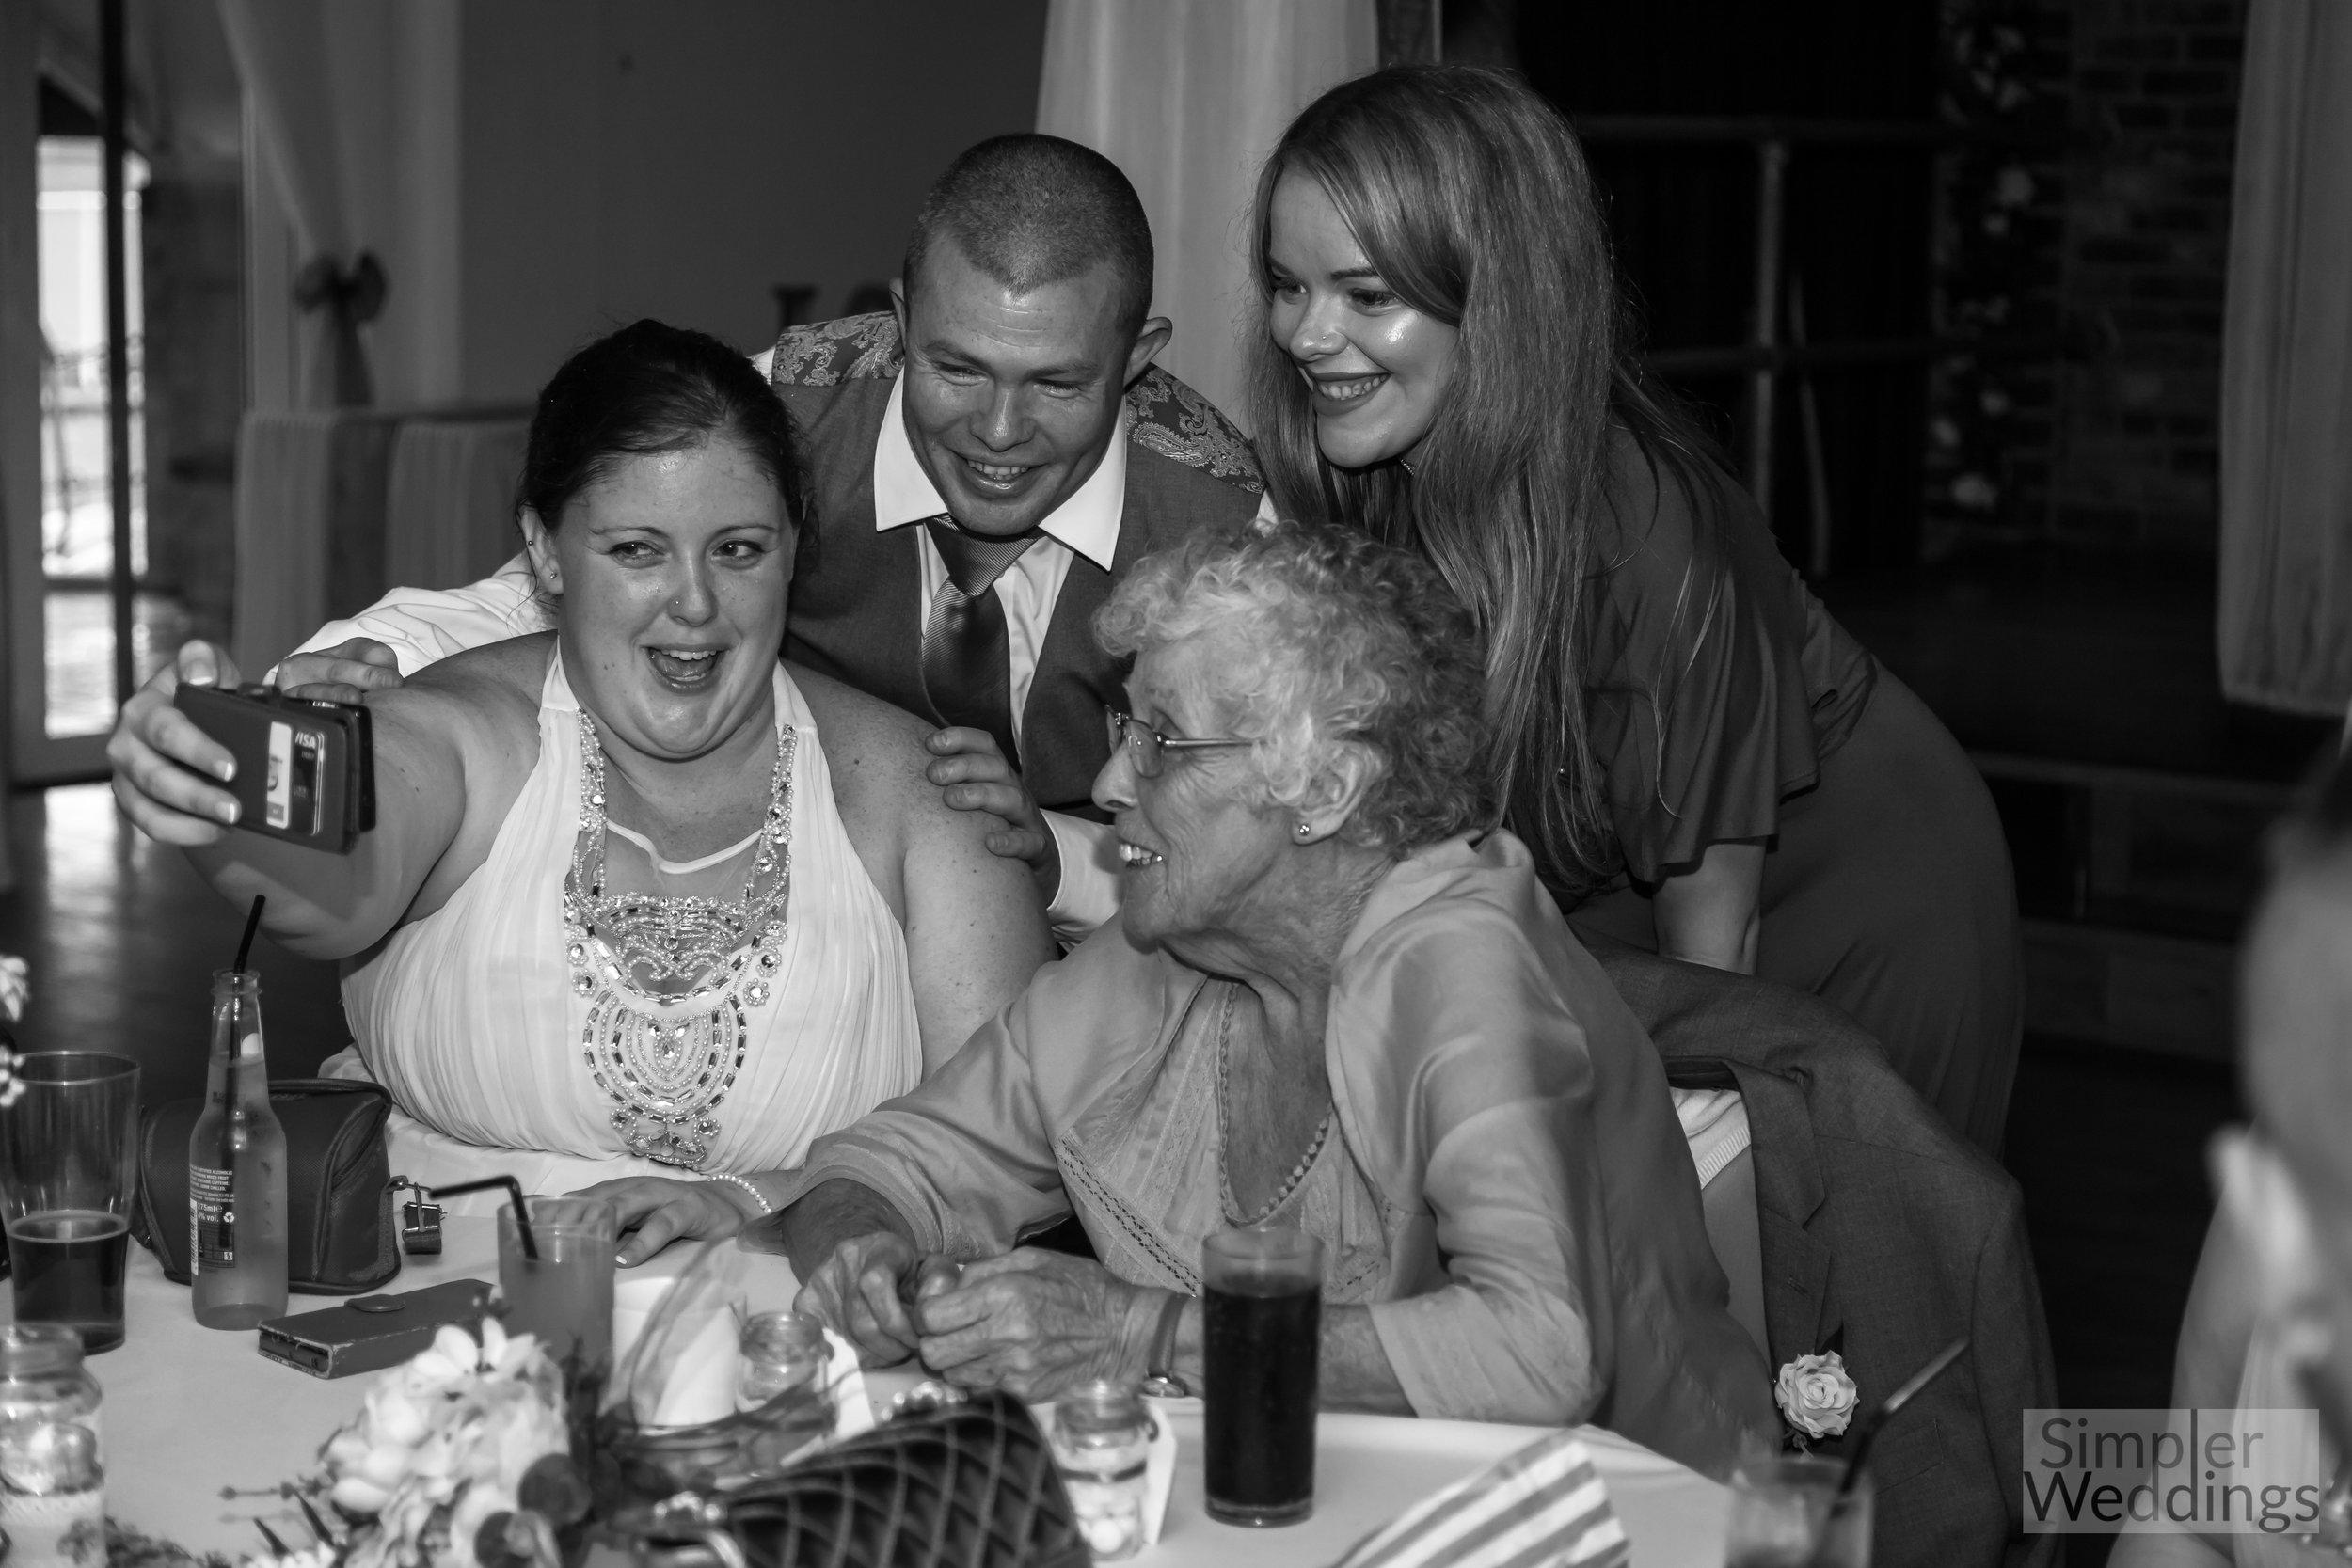 simpler-weddings-high-res-6262.jpg